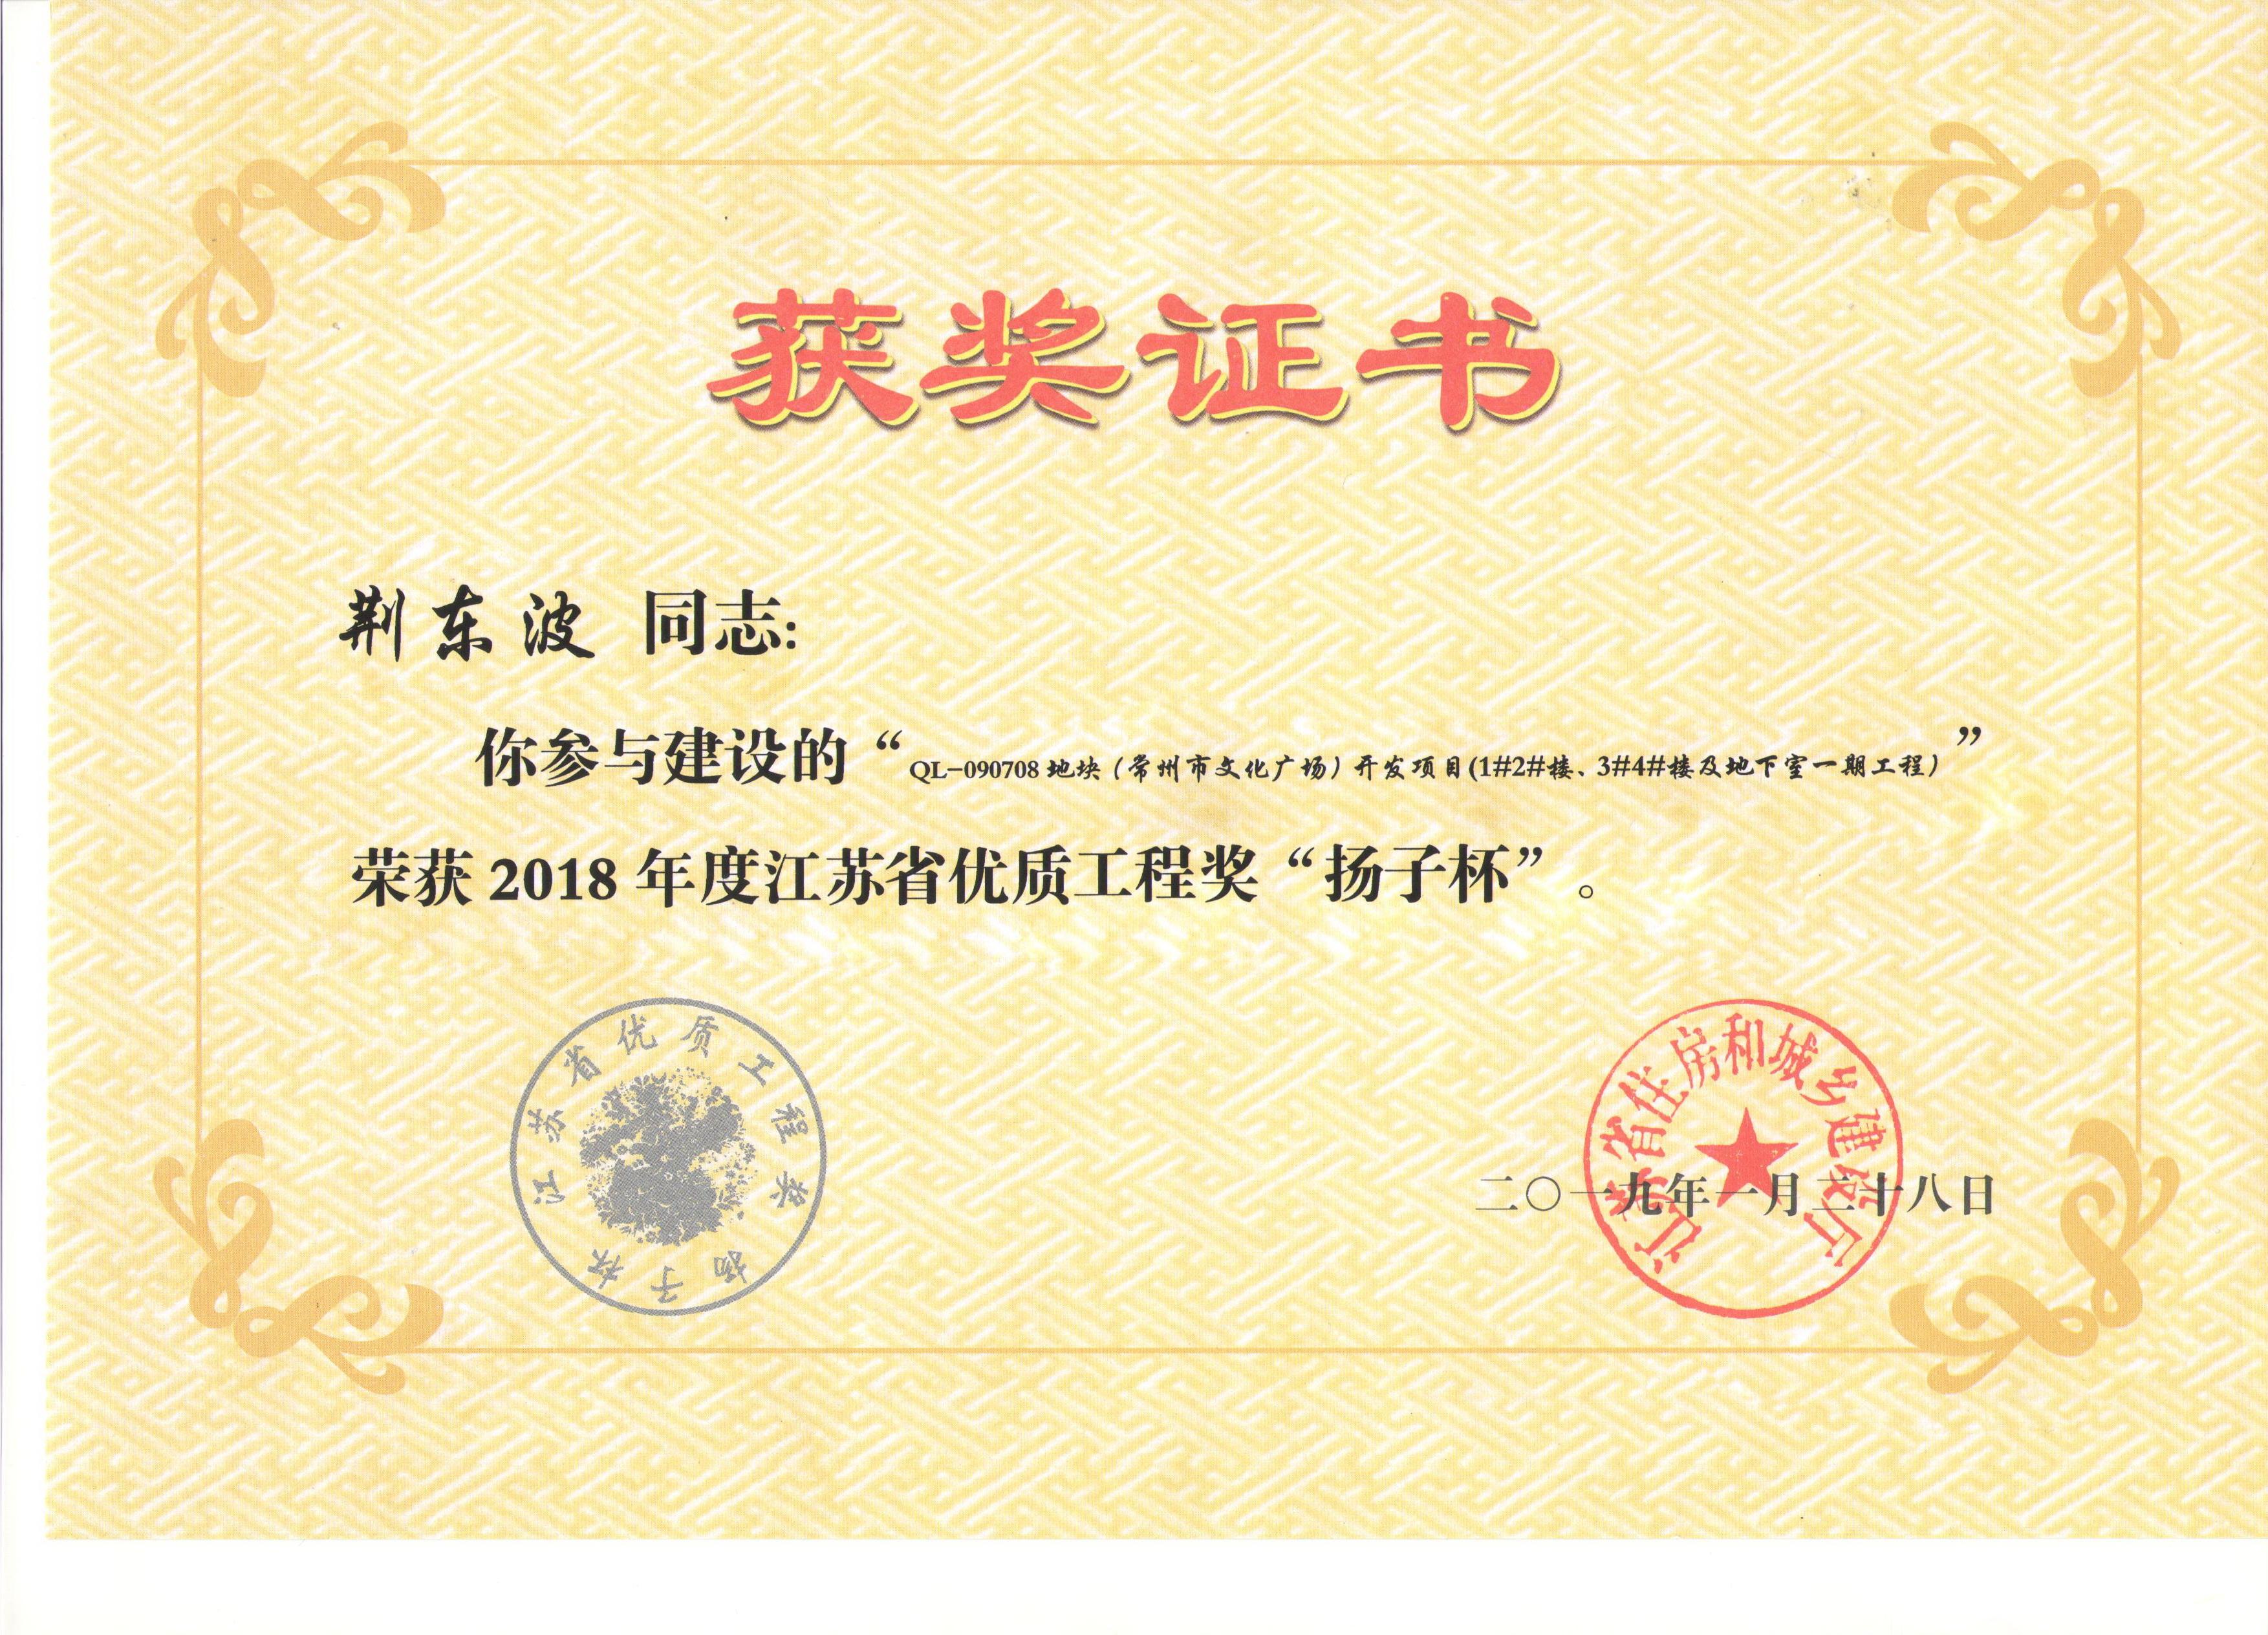 QL-090708地塊(常州文化廣場)開發項目(1#2#、3#4#樓及地下室一期工程)